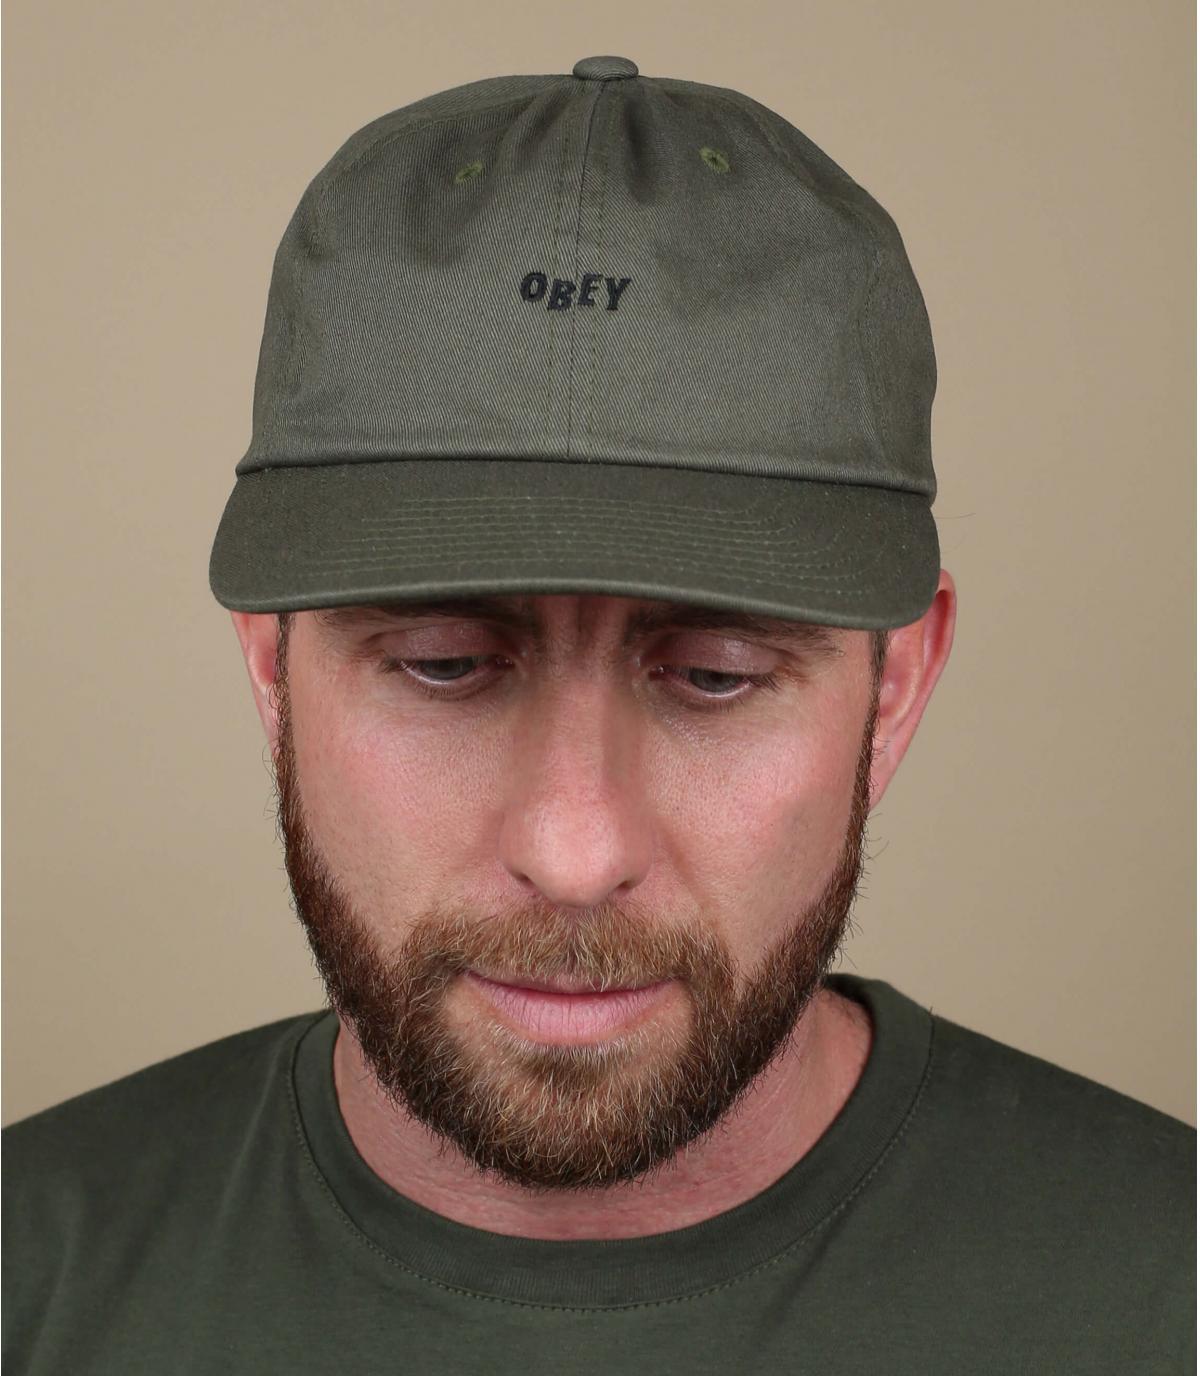 Cap Obey olivgrün